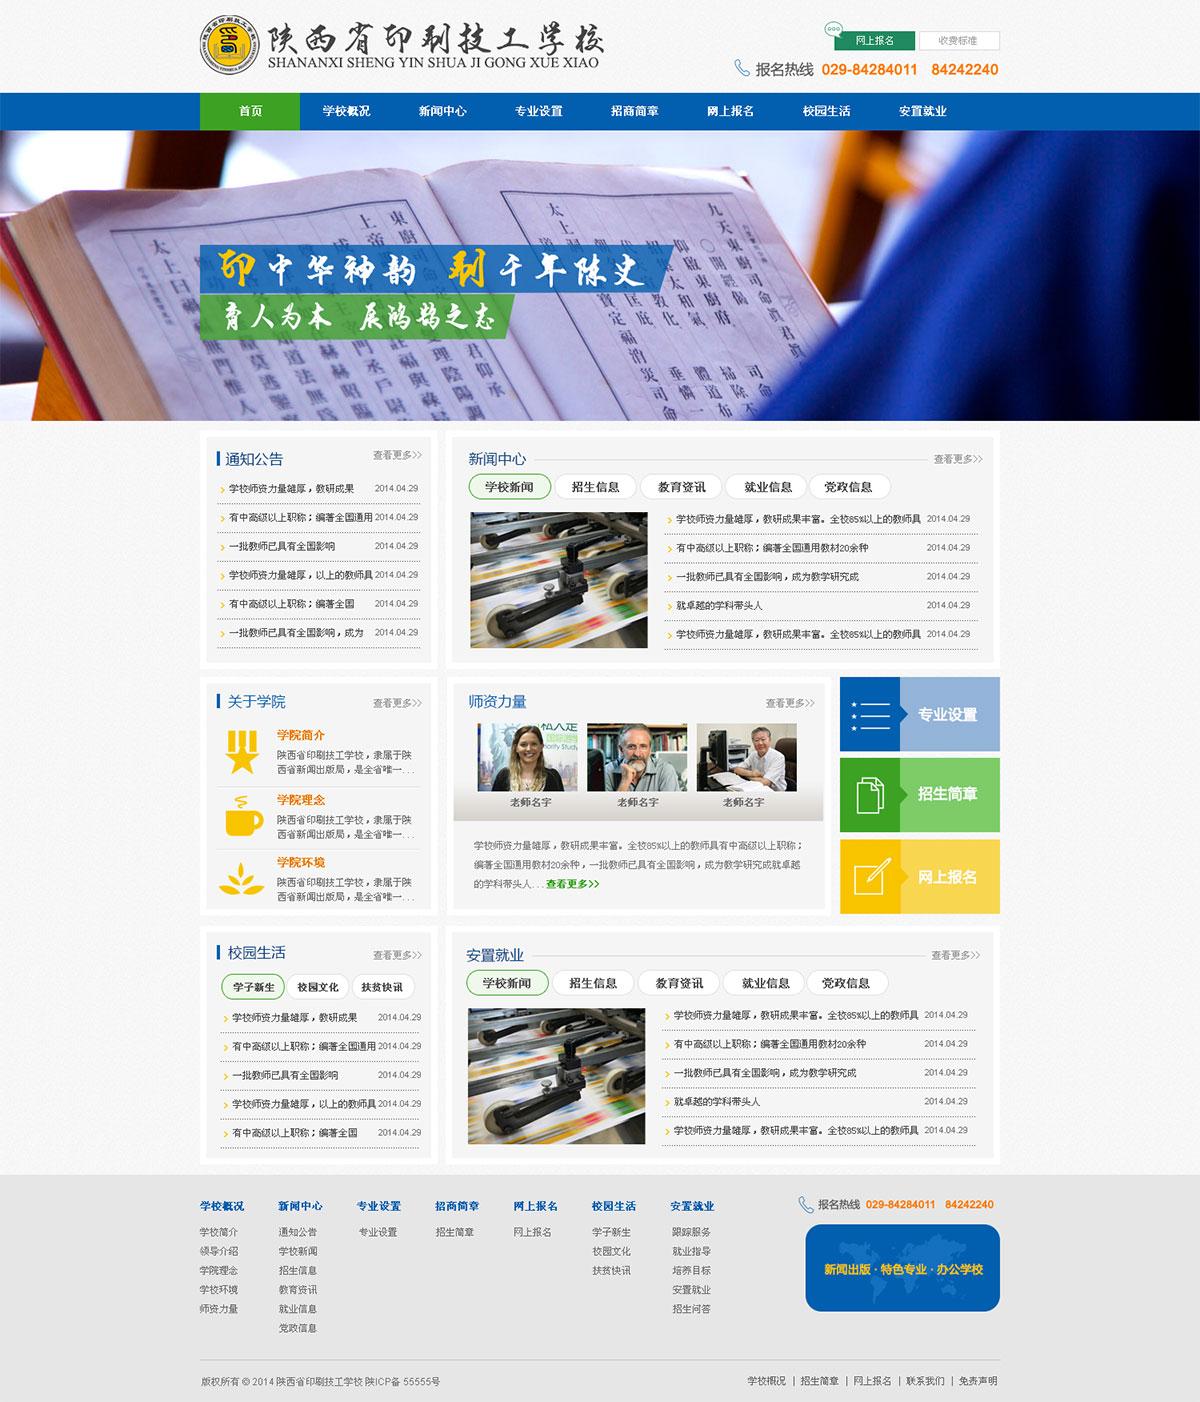 陕西省印刷技工学校官网网站首页效果图